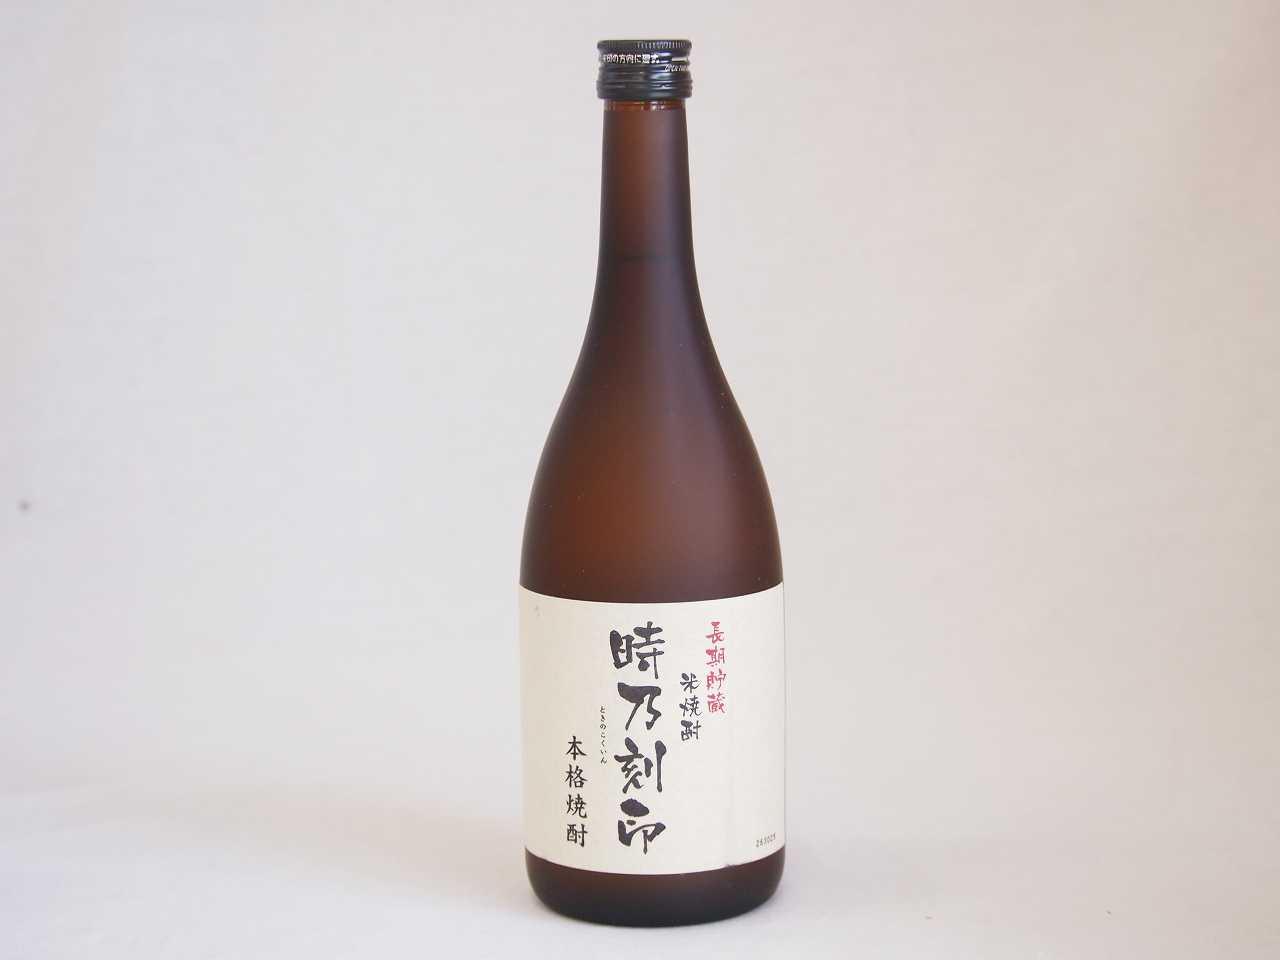 【 6本セット】宮崎本店 時の刻印 長期貯蔵米焼酎 720ml×6本